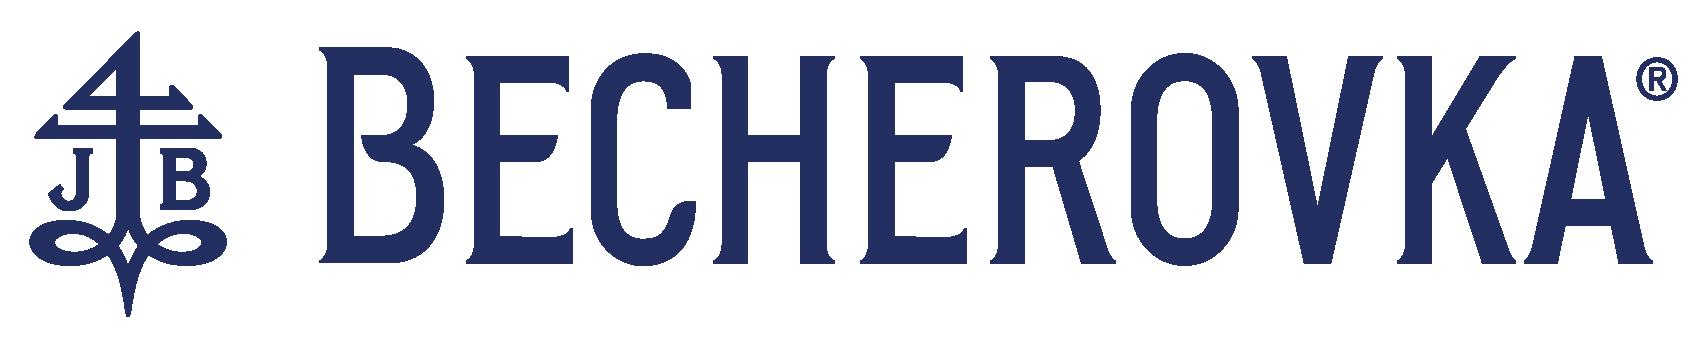 Becherovka_0,5l